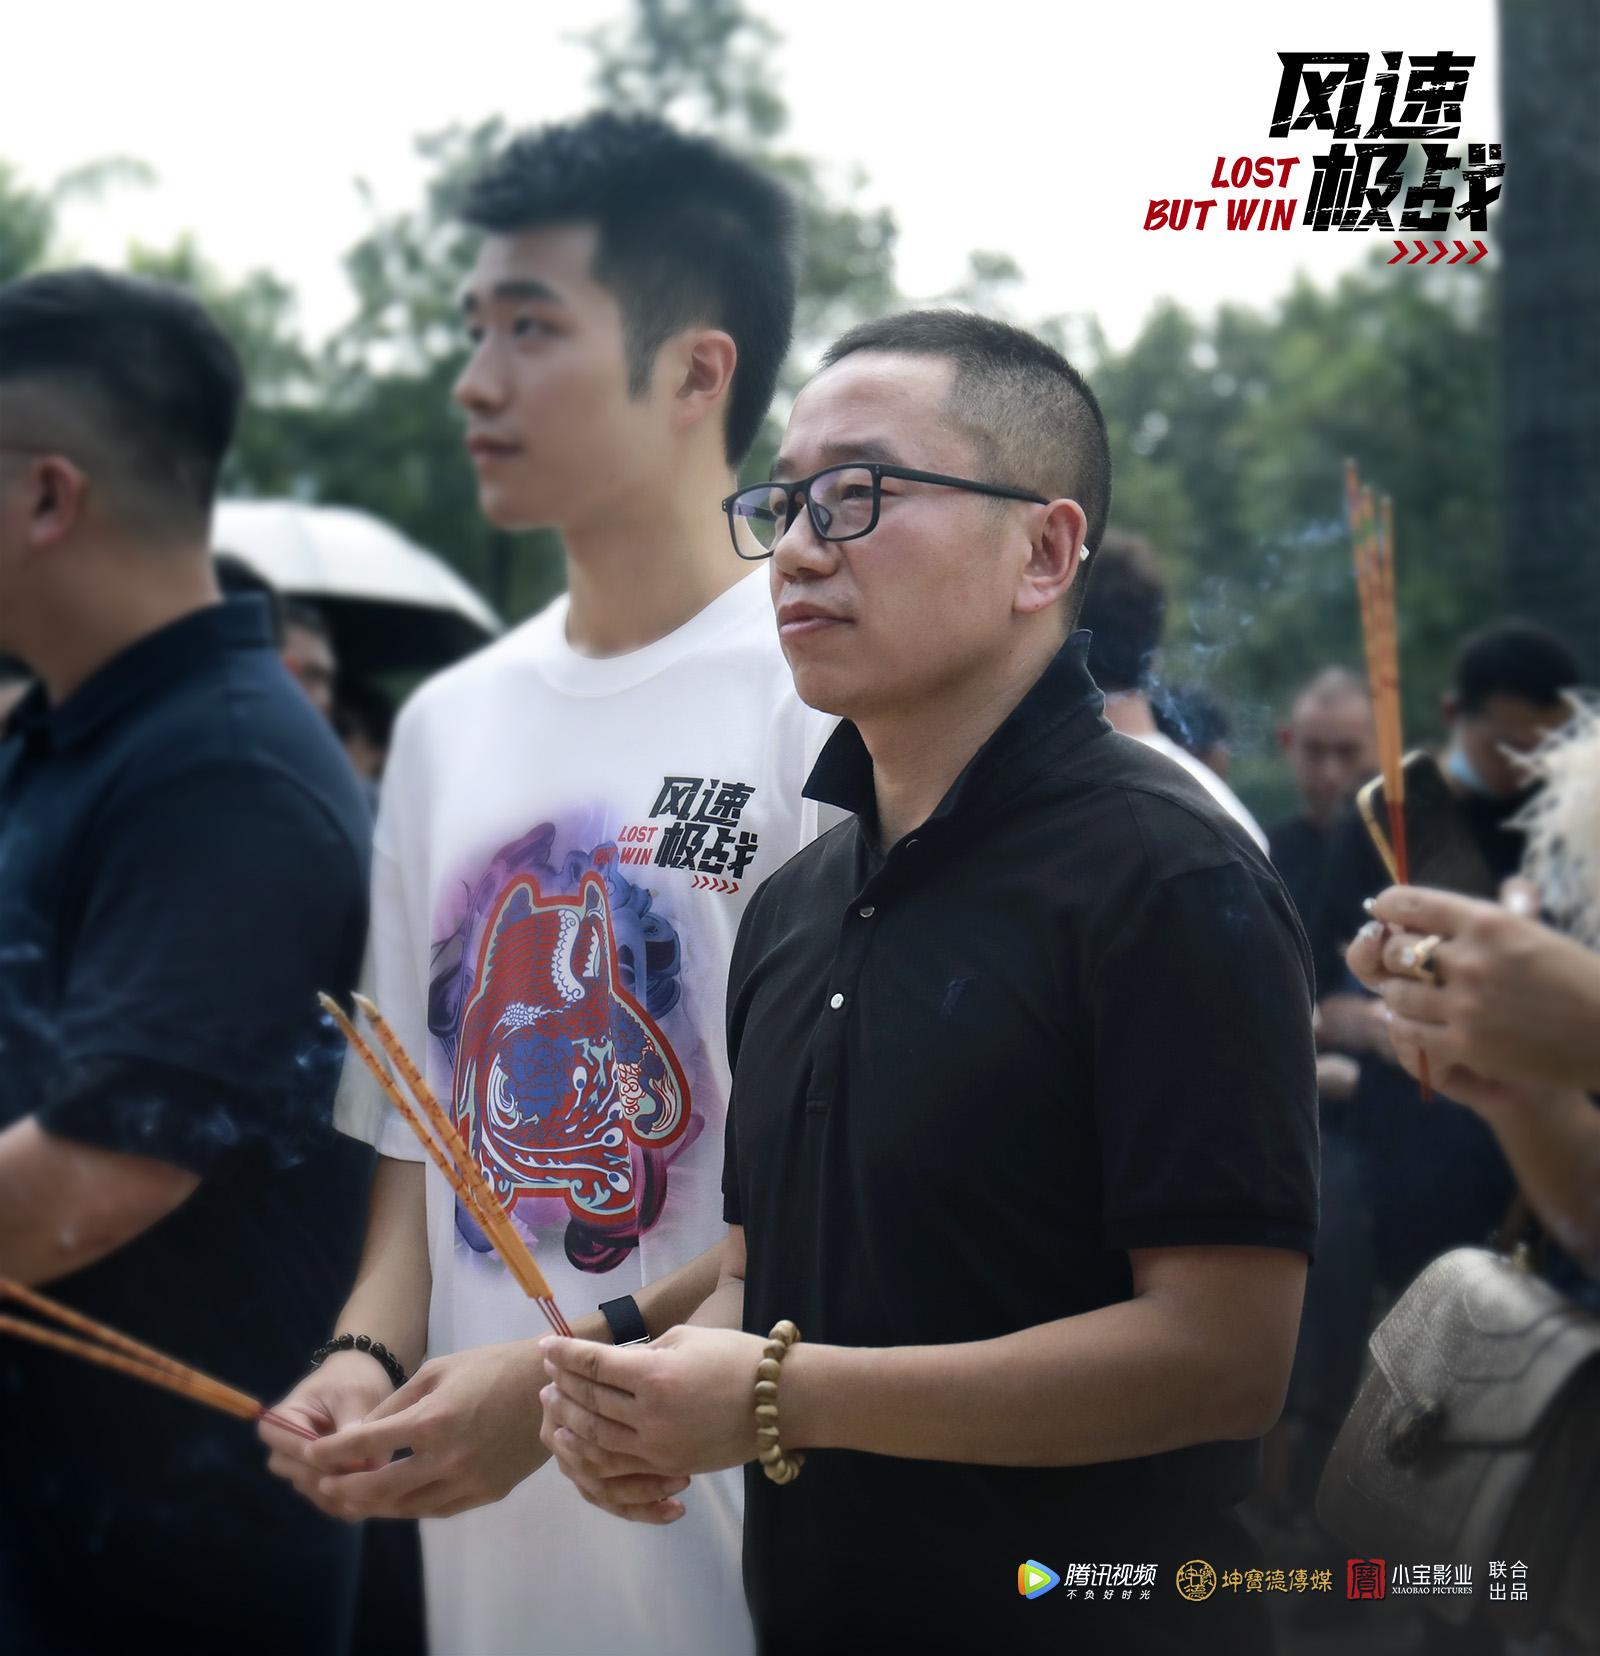 坤宝德董事长杨睿:抱着学习的心态,去迎接跨界带来的机遇和挑战